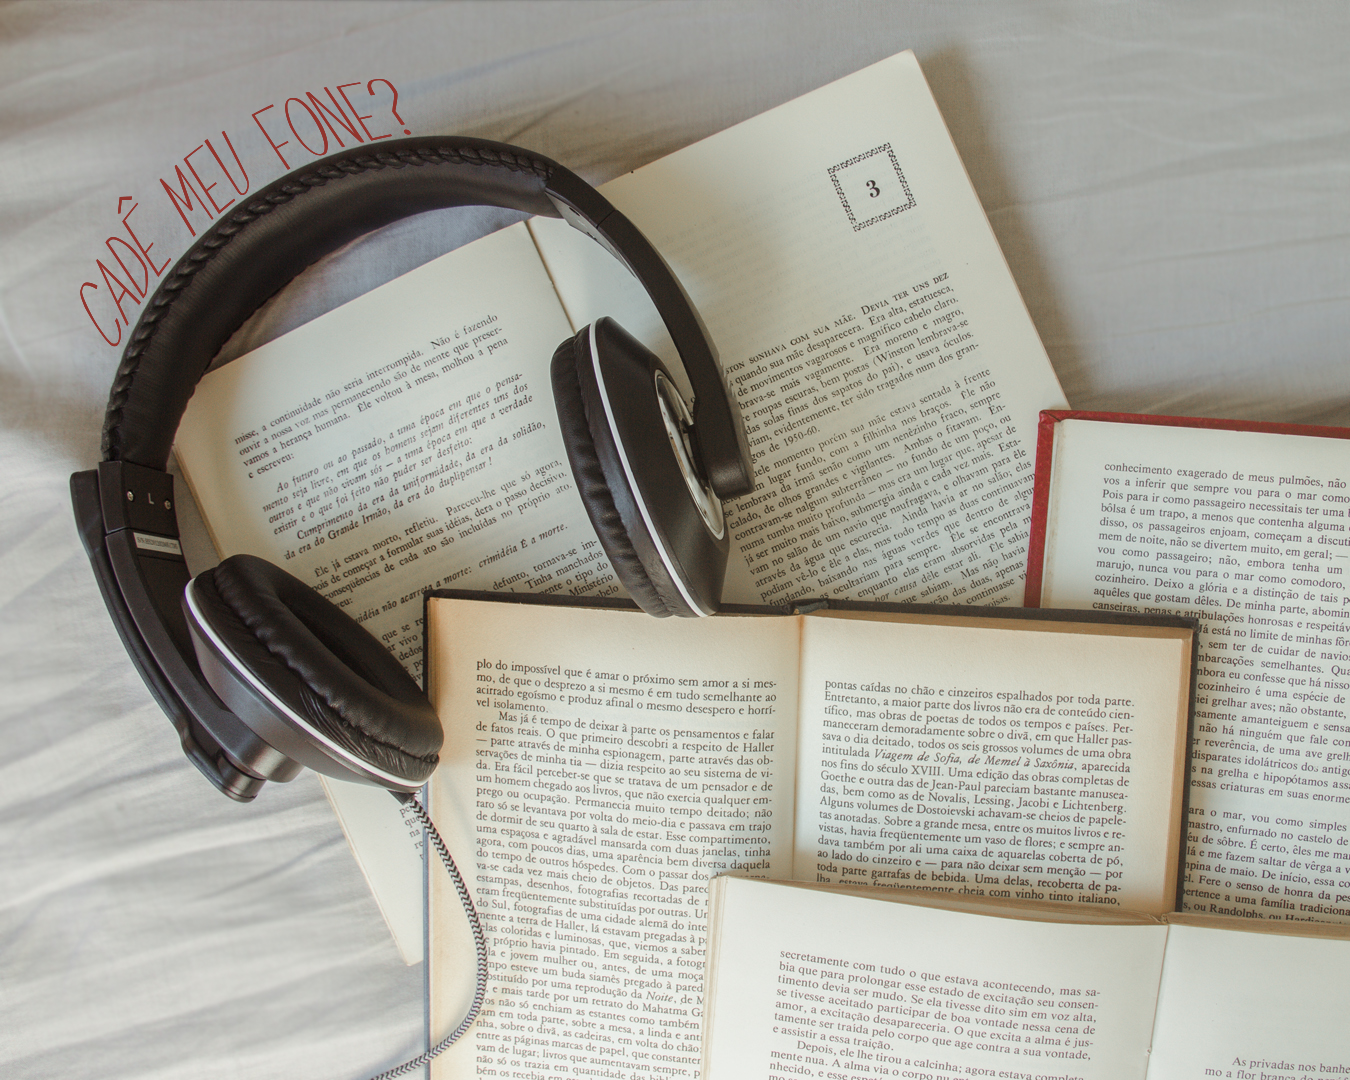 Livro aberto com fone de ouvido.